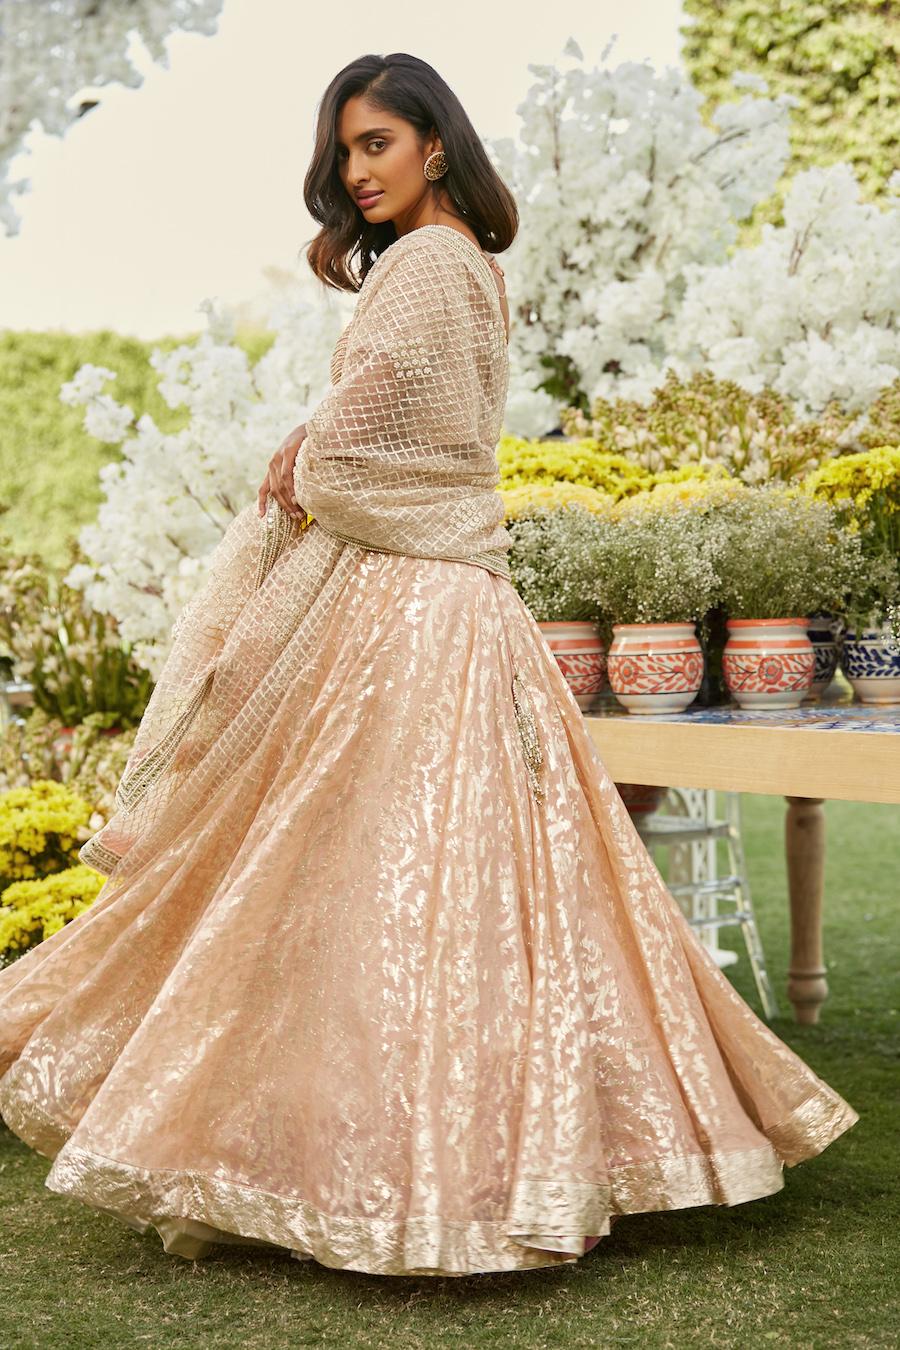 Pale peach Bridal Lehenga- Abhinav Mishra, Shahpur Jat Boutiques.